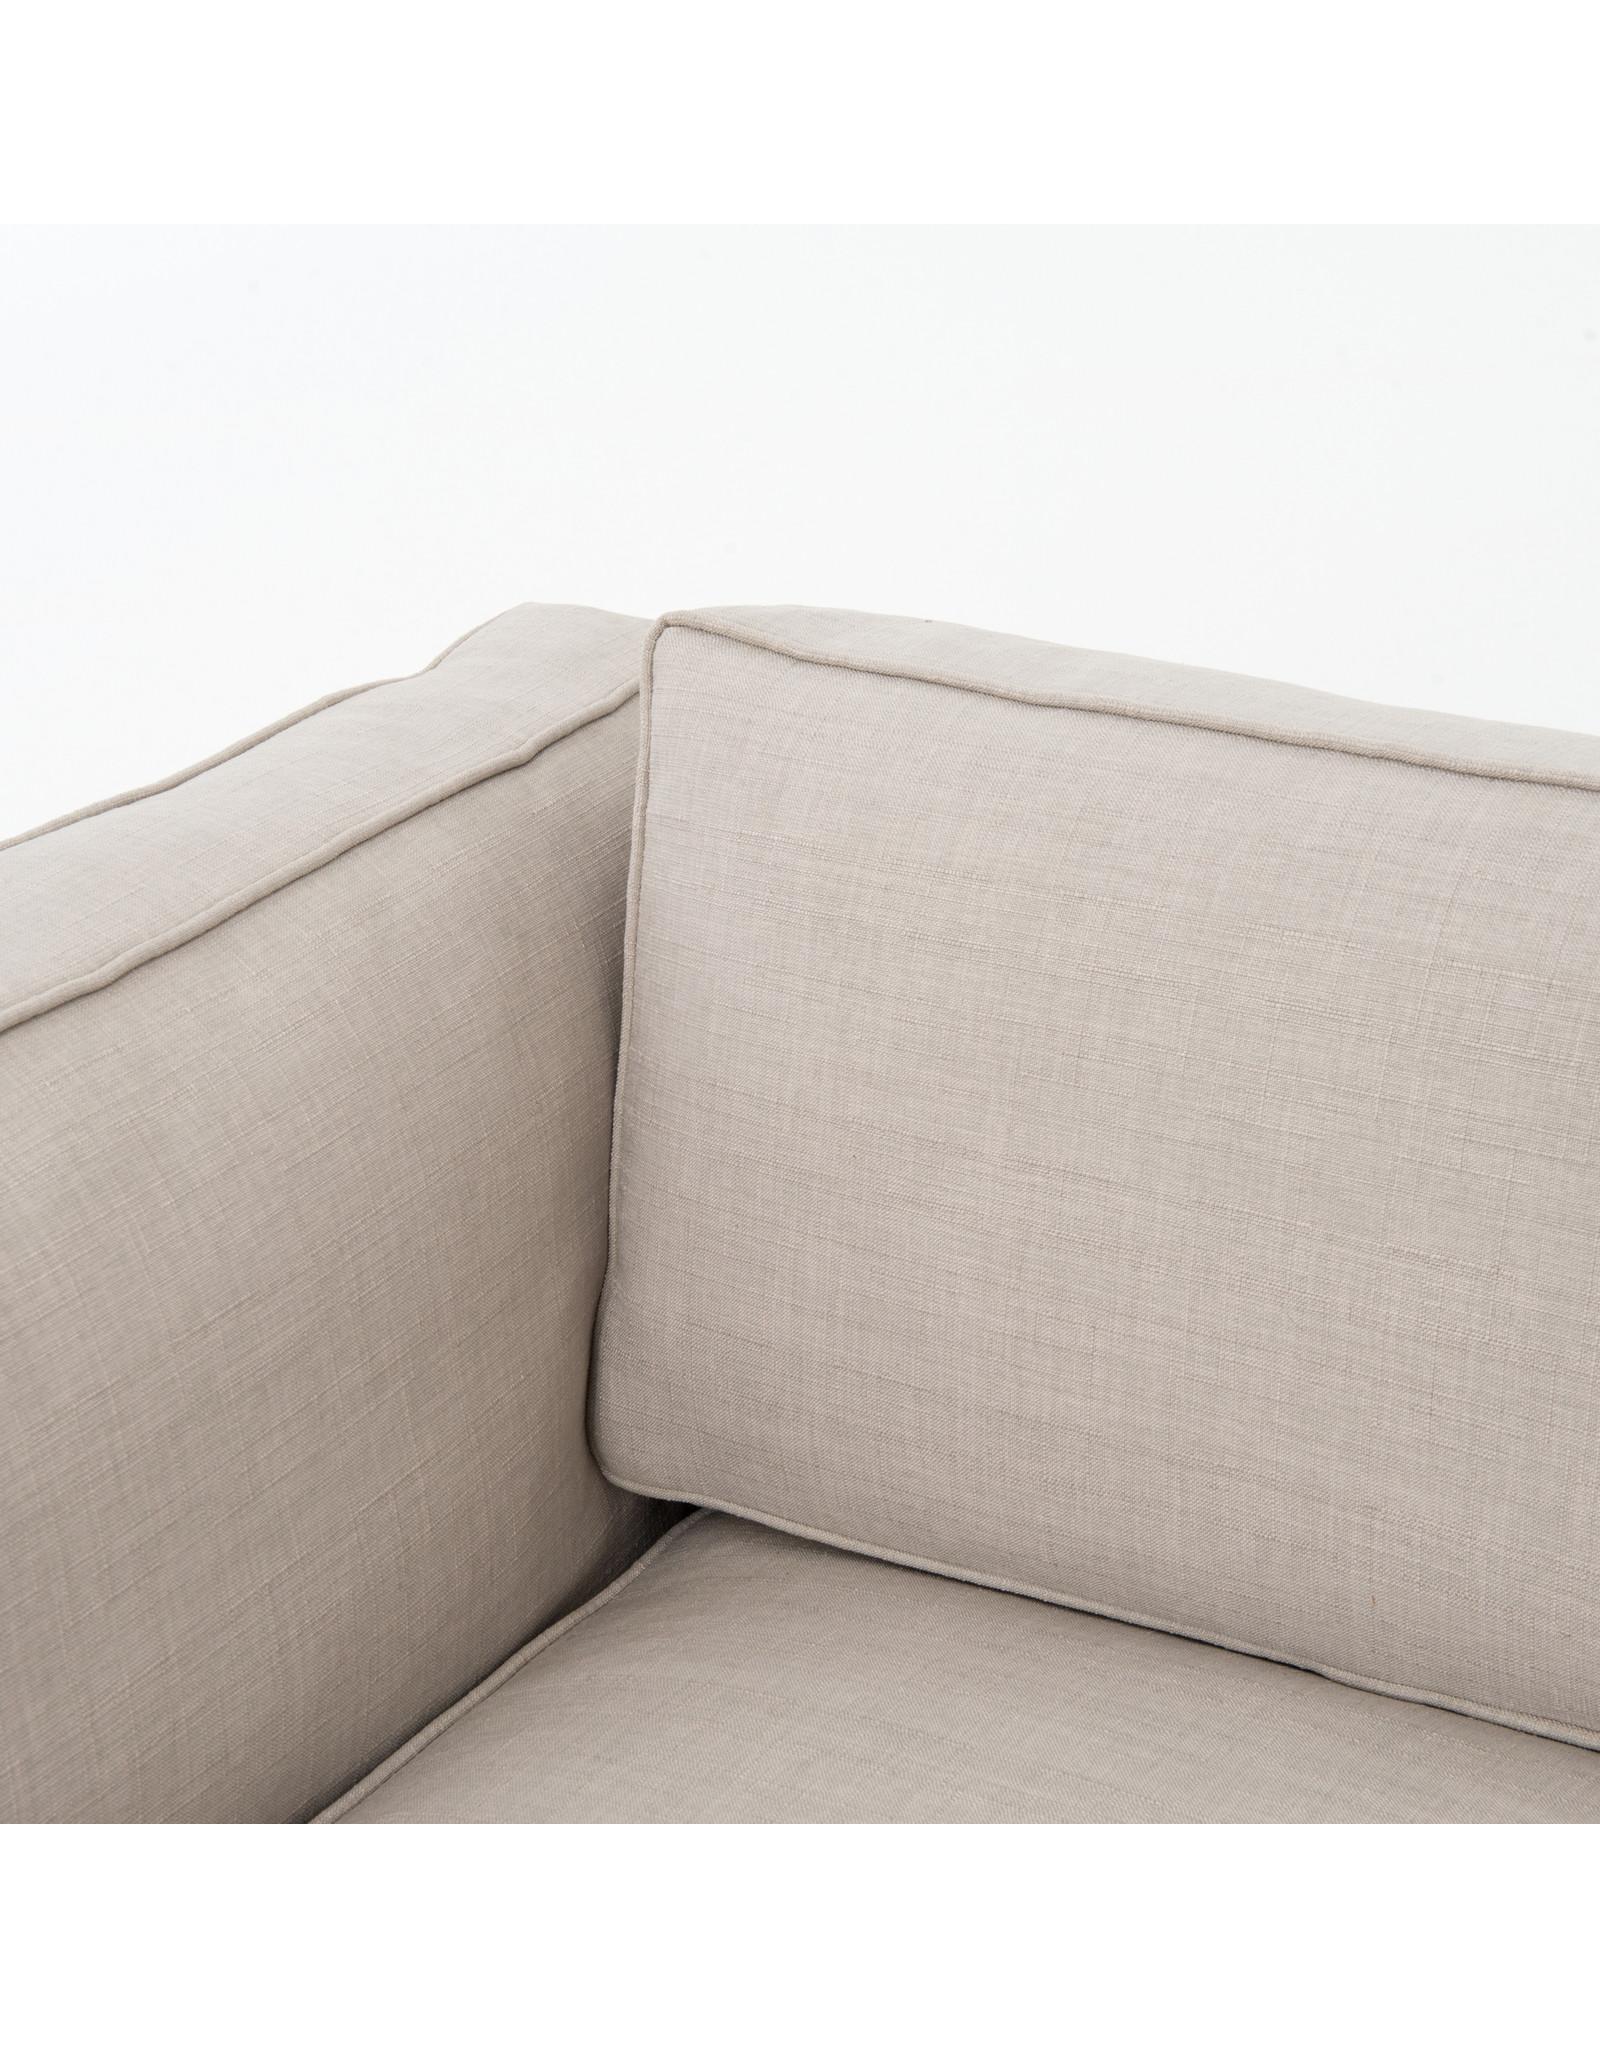 *Grammercy Sofa - Bennett Moon